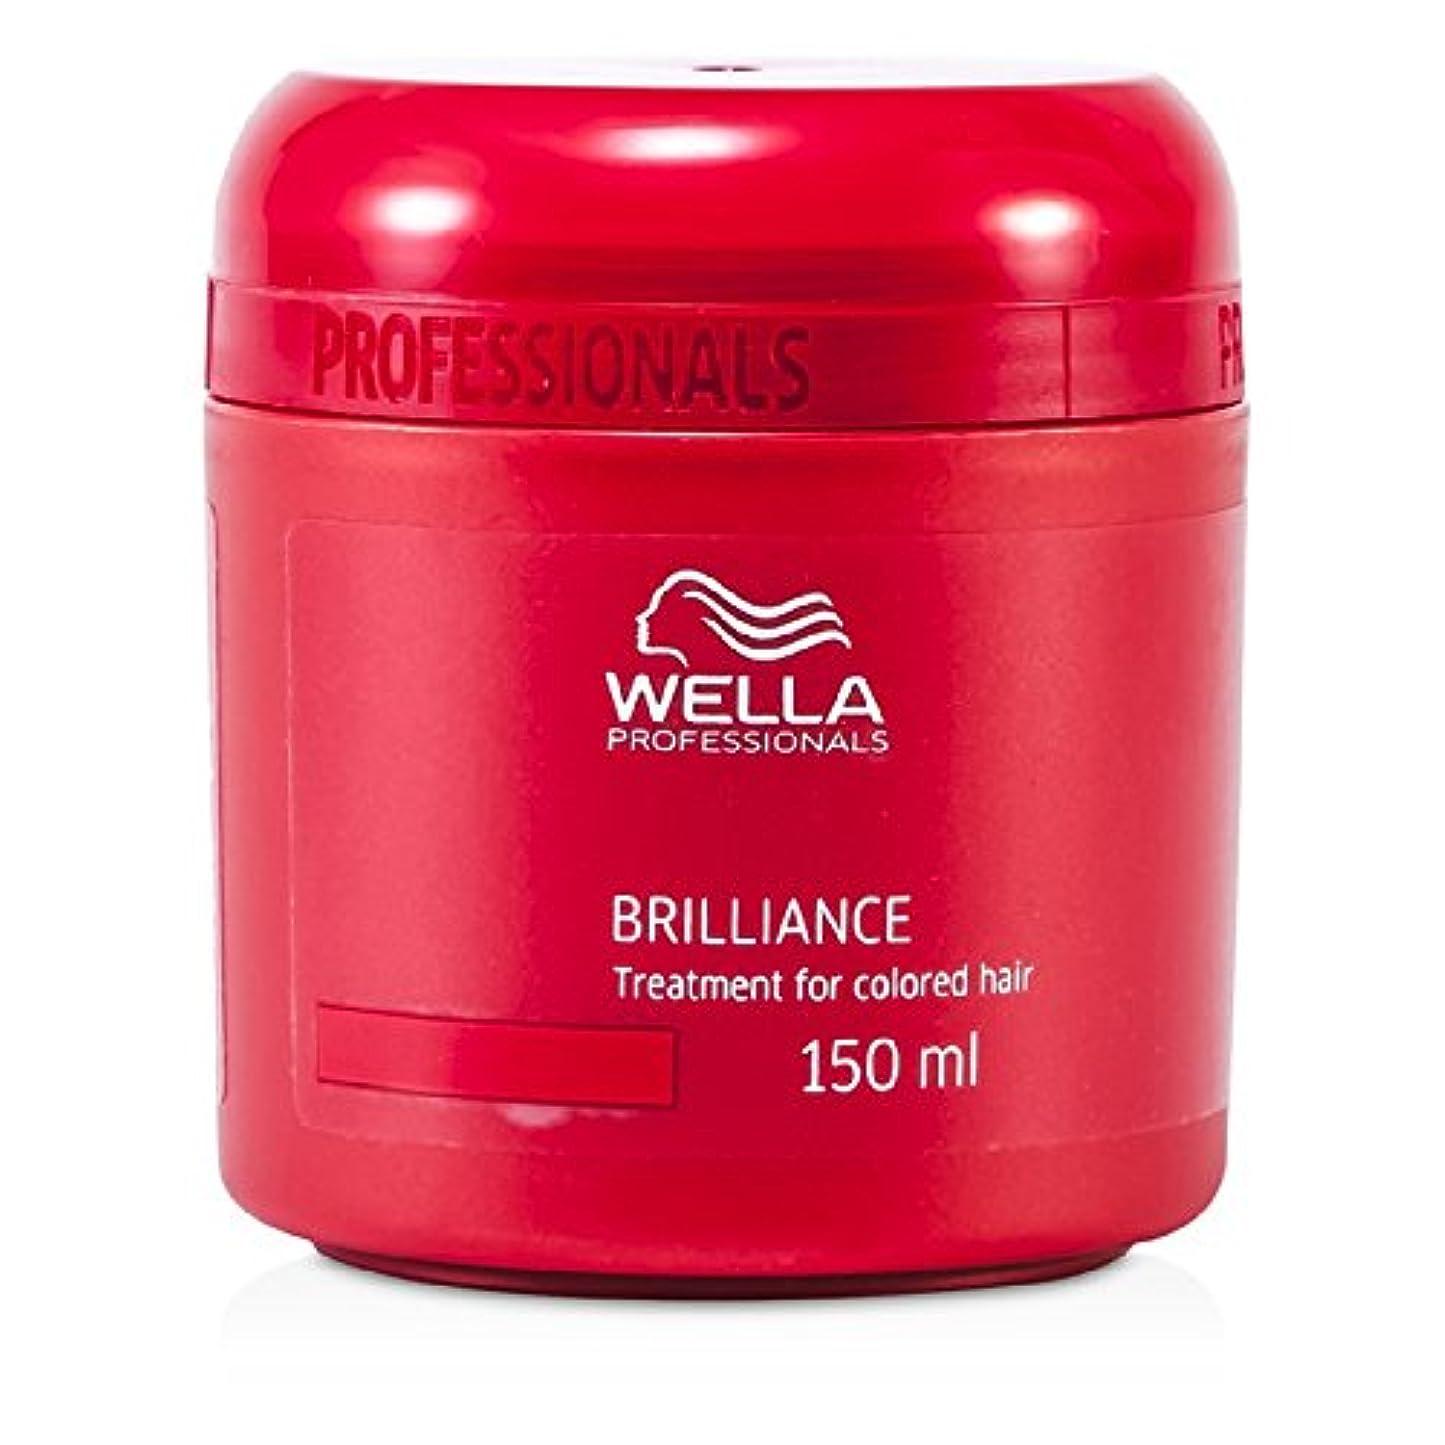 睡眠かき混ぜる液化するウエラ ブリリアンス トリートメント (染めた髪用) 150ml/5oz並行輸入品